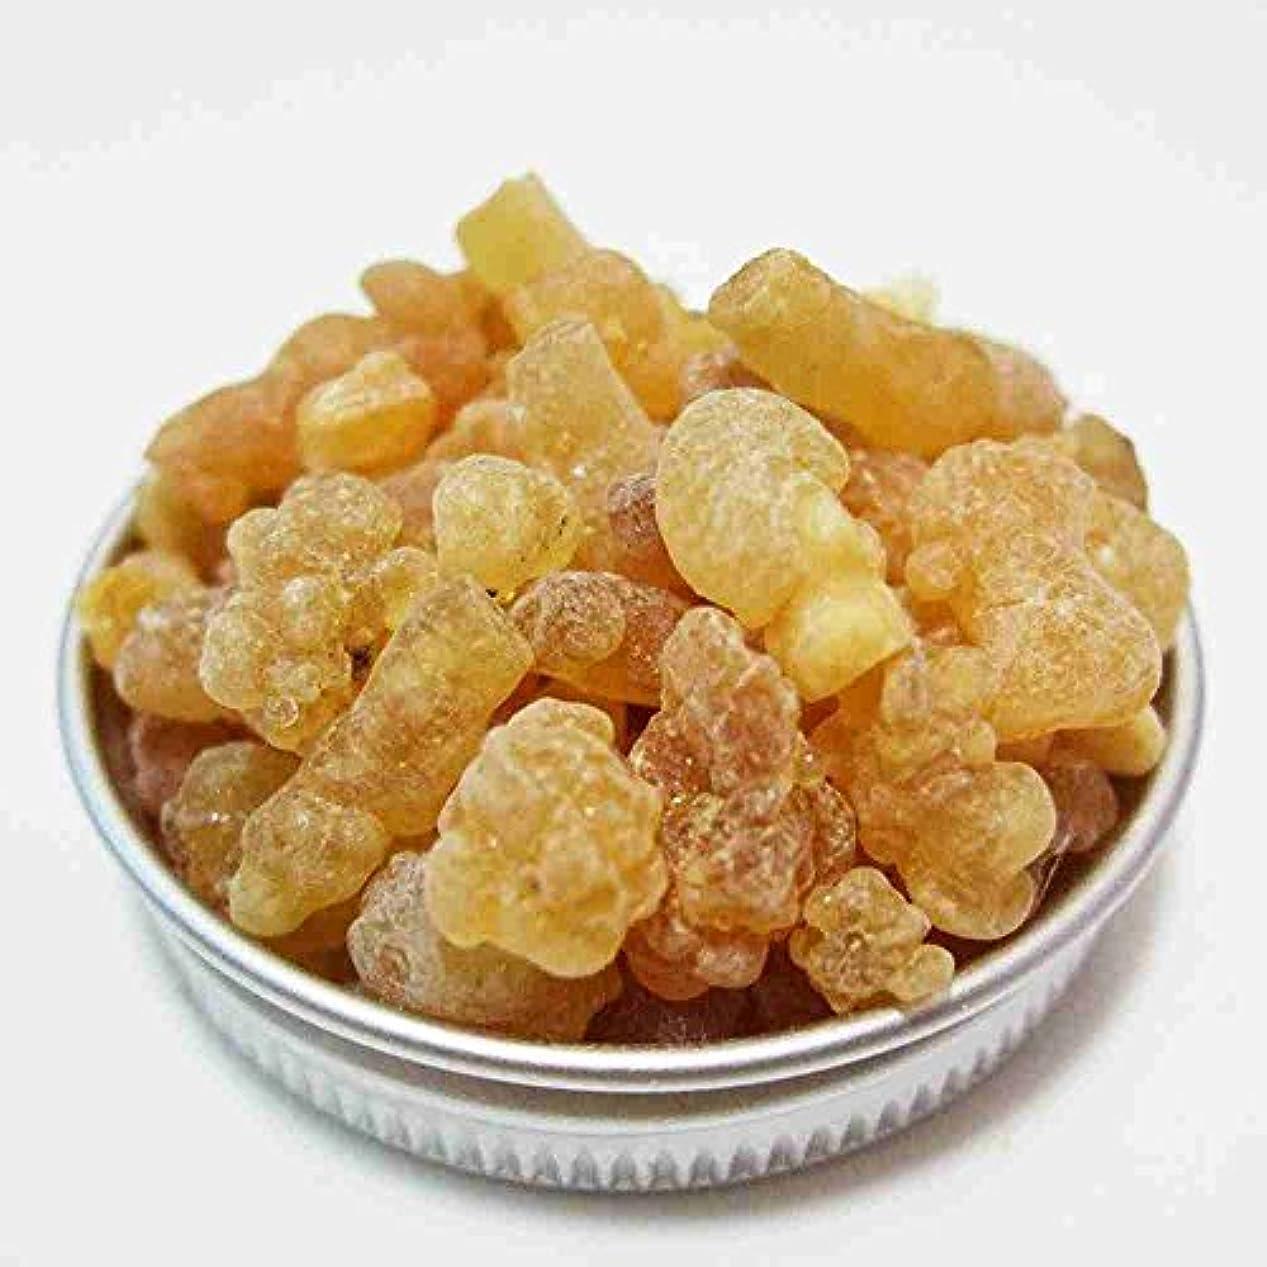 必要ない匹敵します欲望フランキンセンス Frsnkincense (乳香) 天然樹脂香 フランキンセンス(乳香), 1 Ounce (28 g)